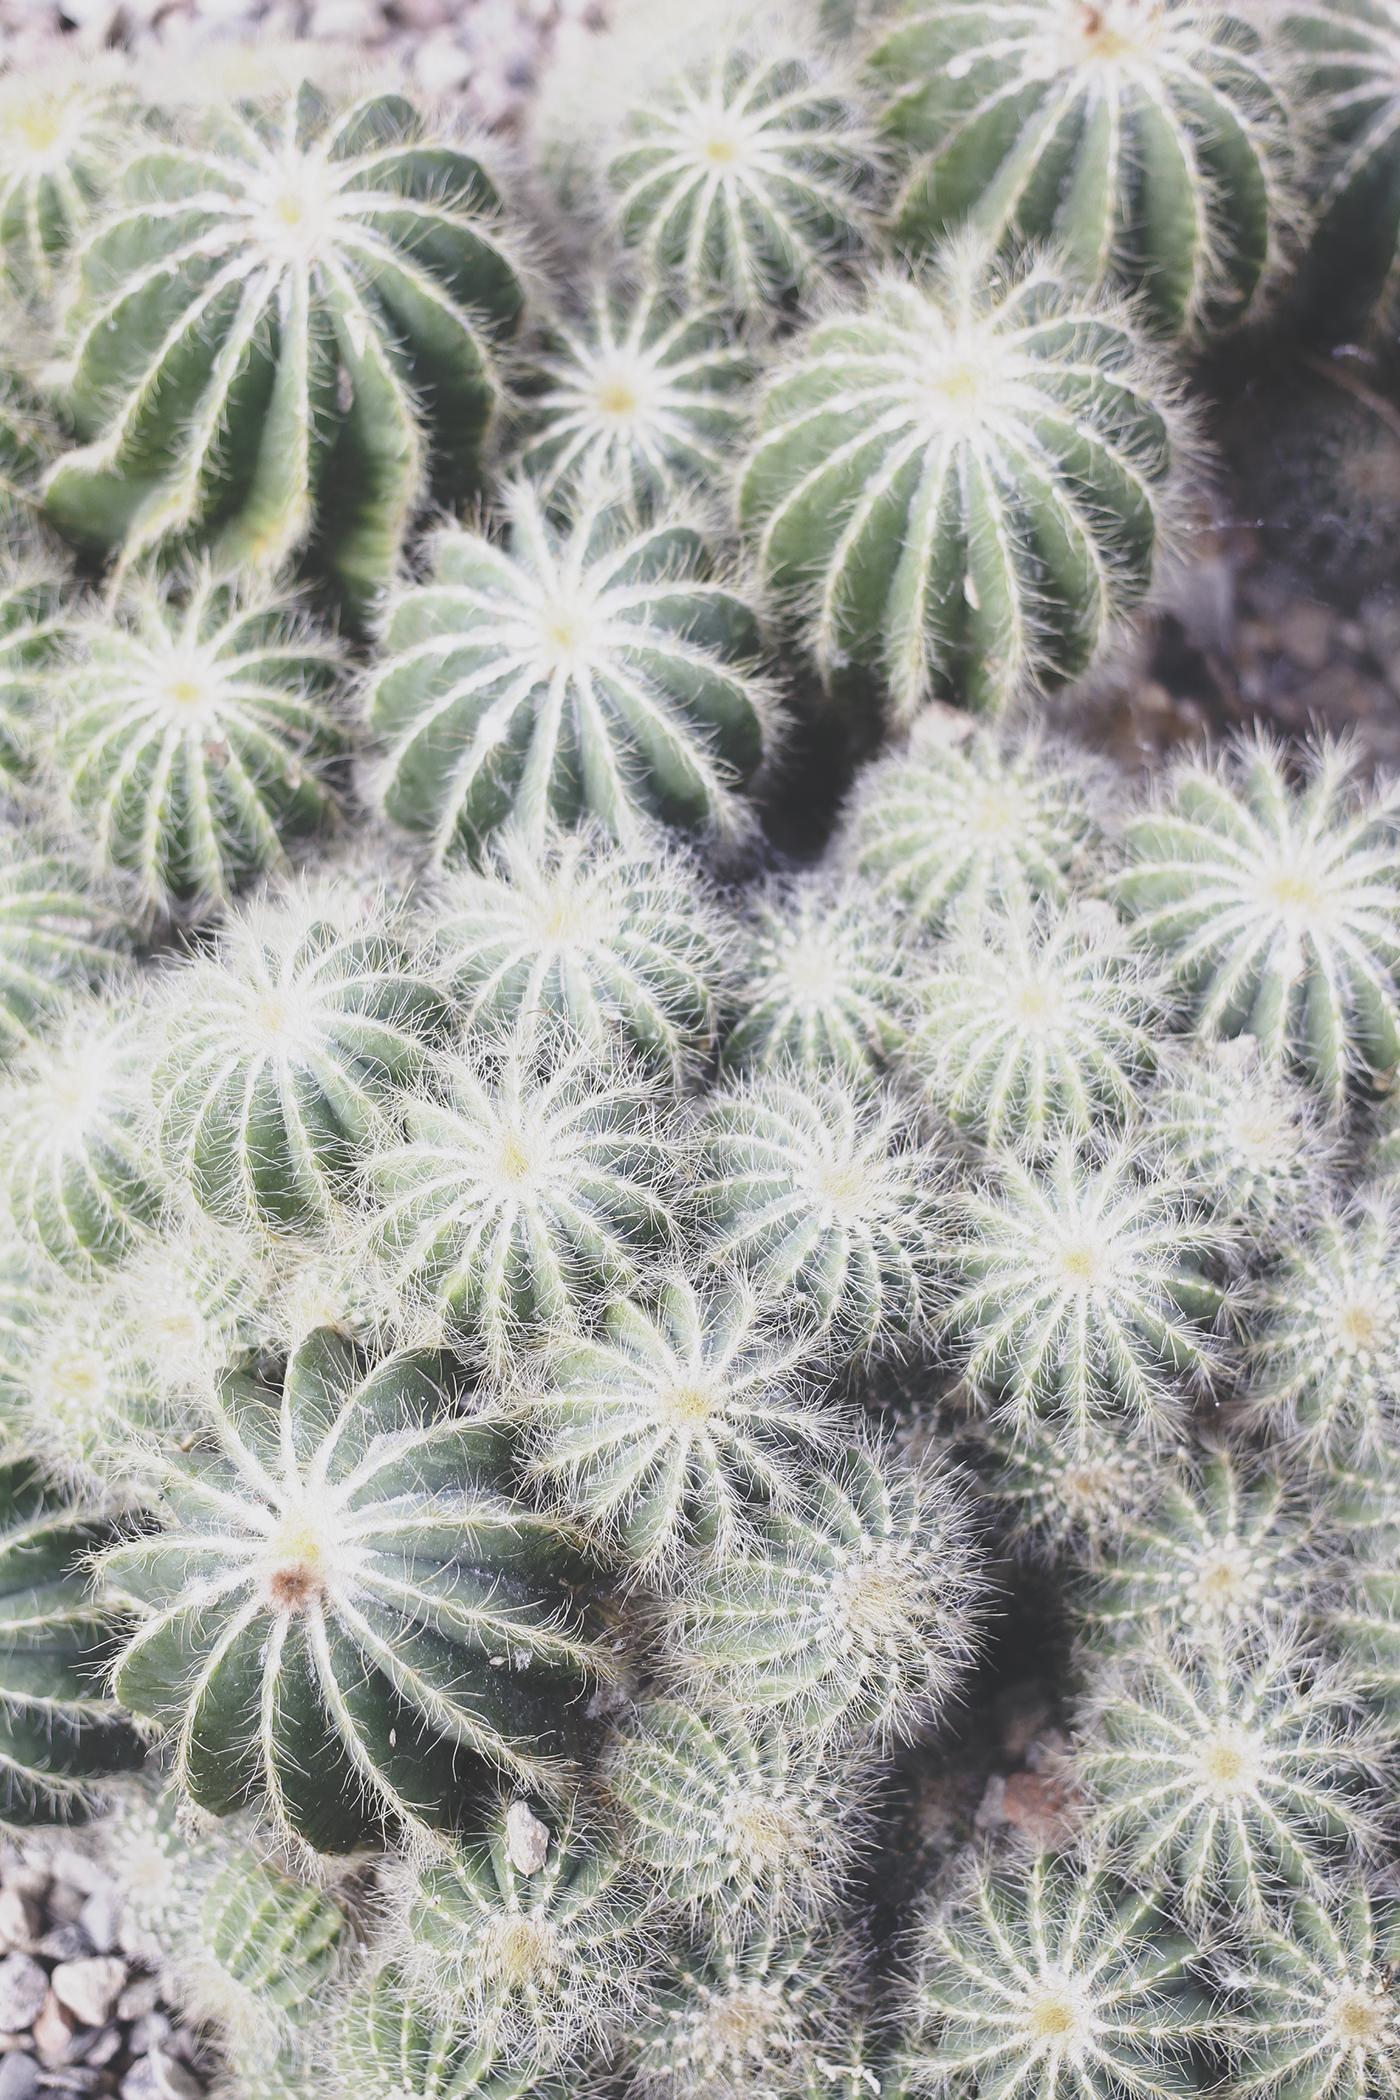 botanics-4.jpg